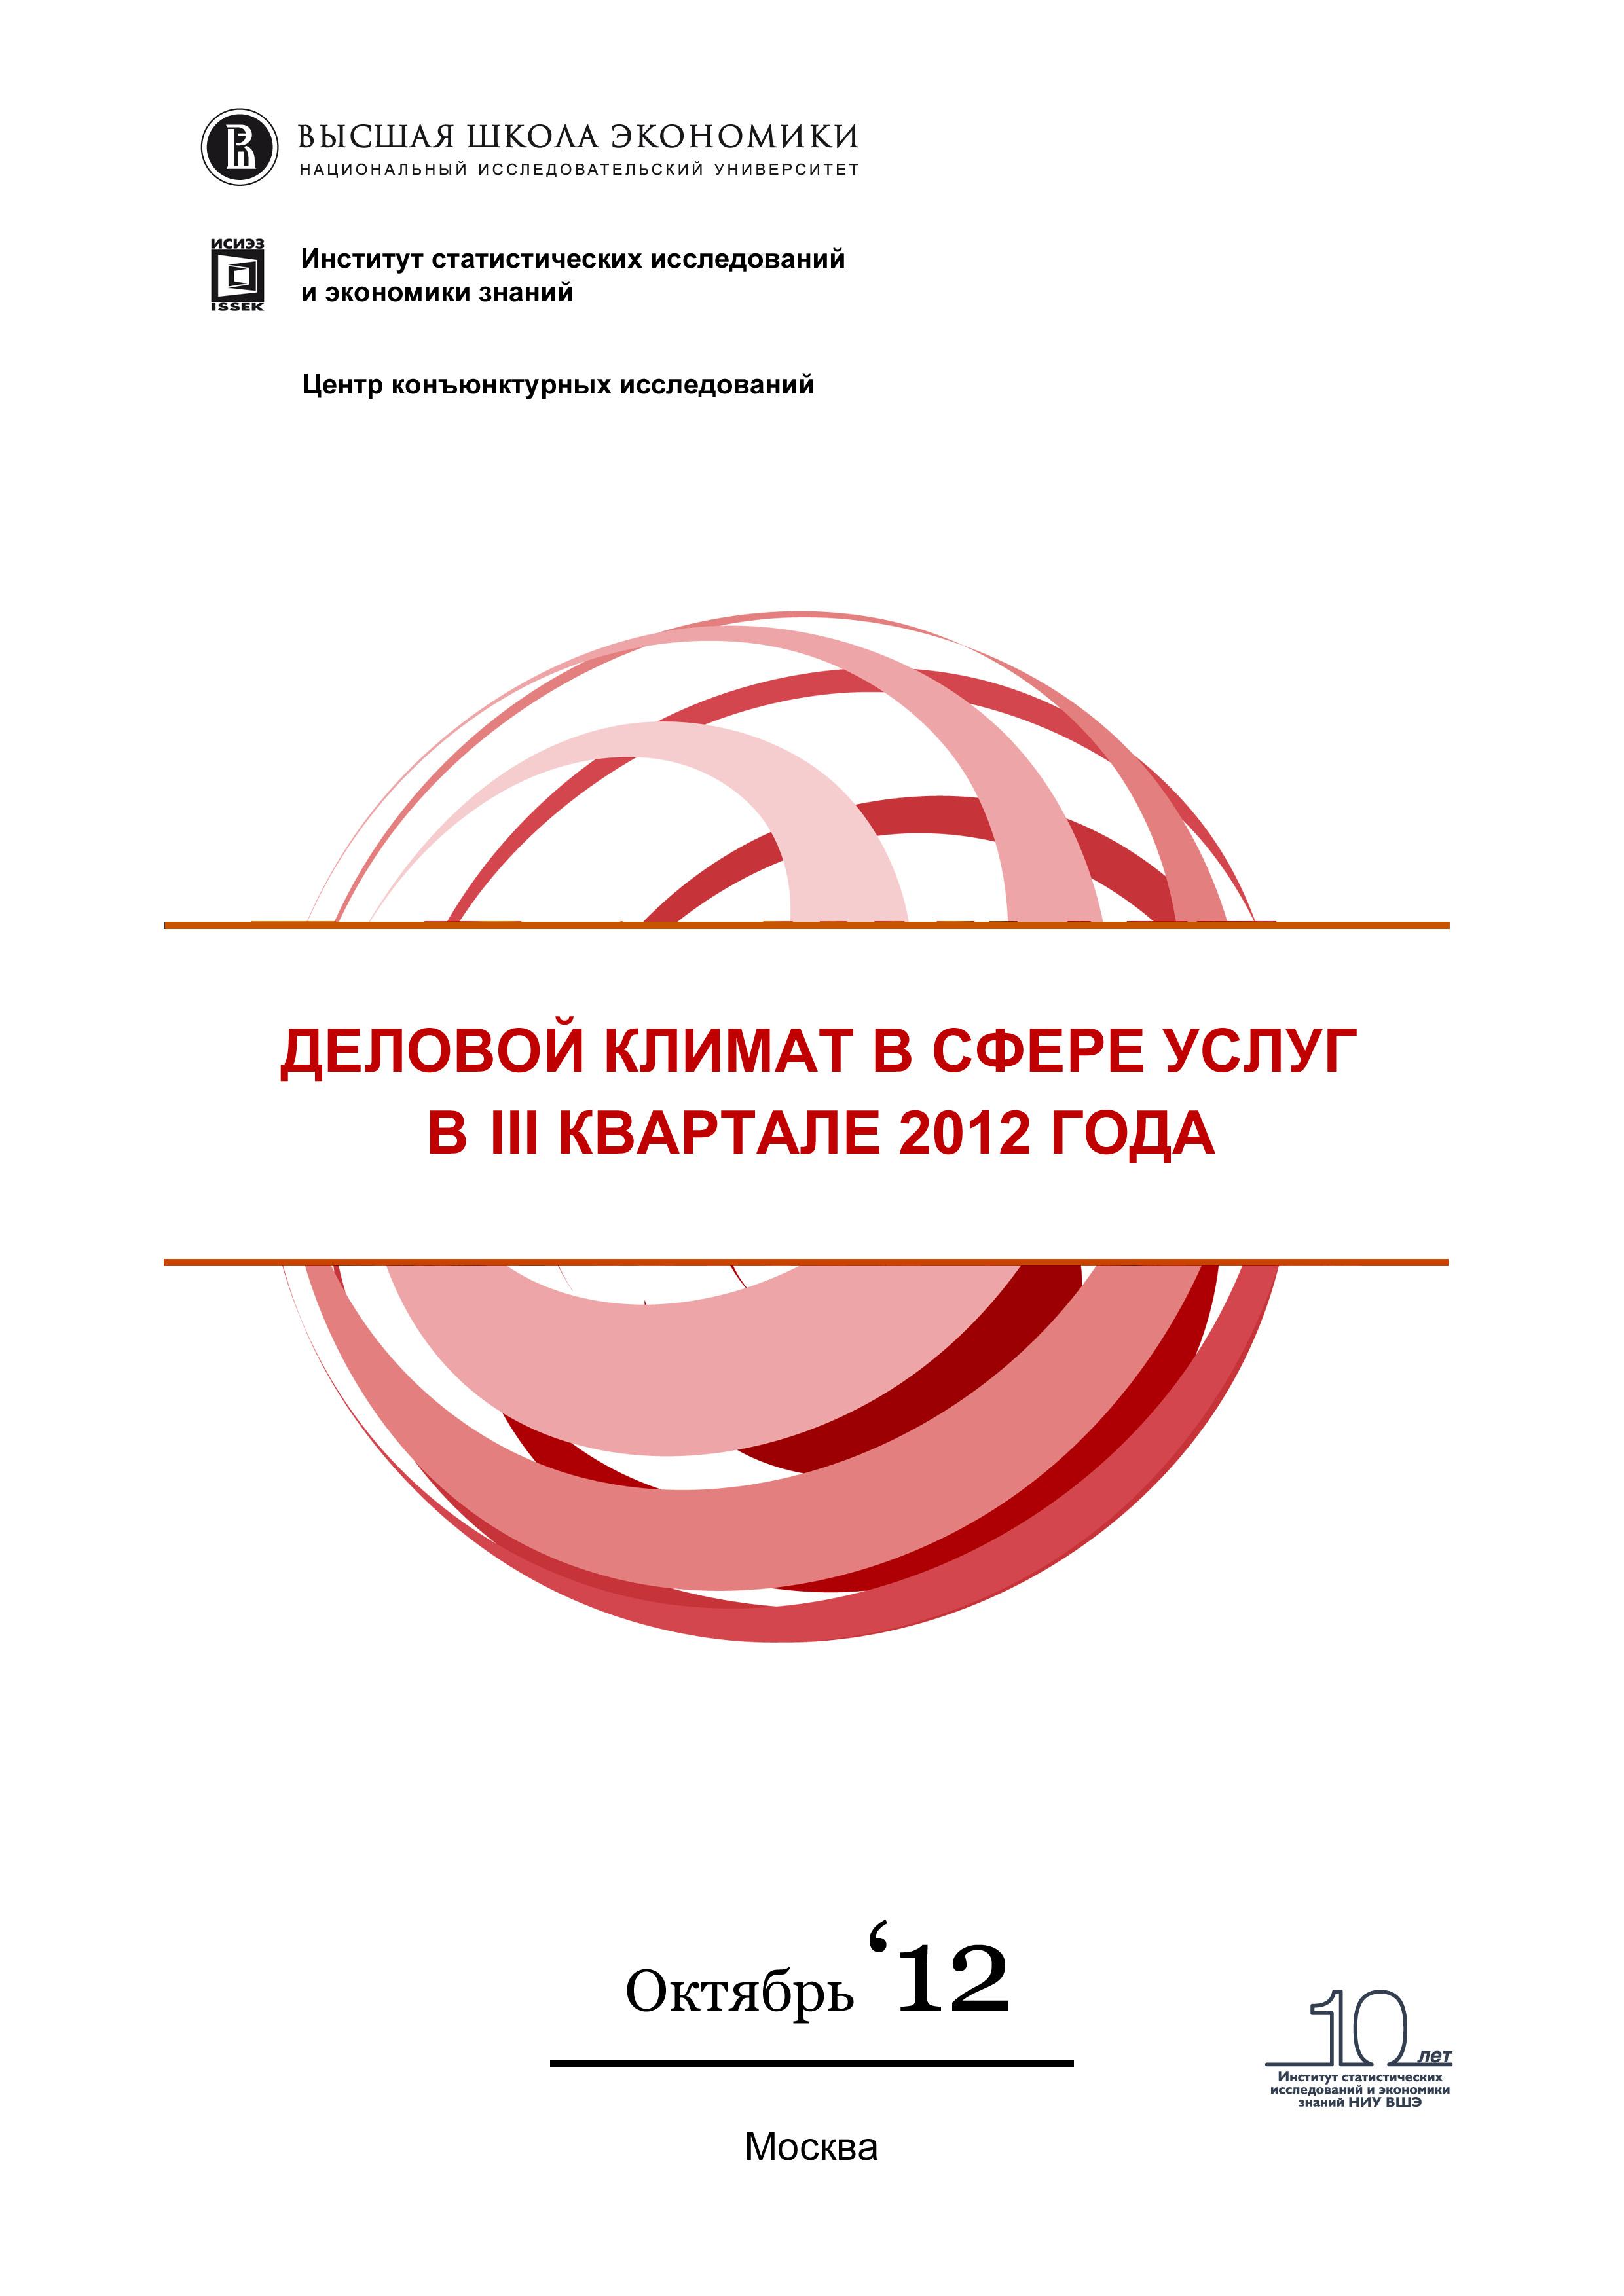 Деловой климат в сфере услуг в III квартале 2012 г.